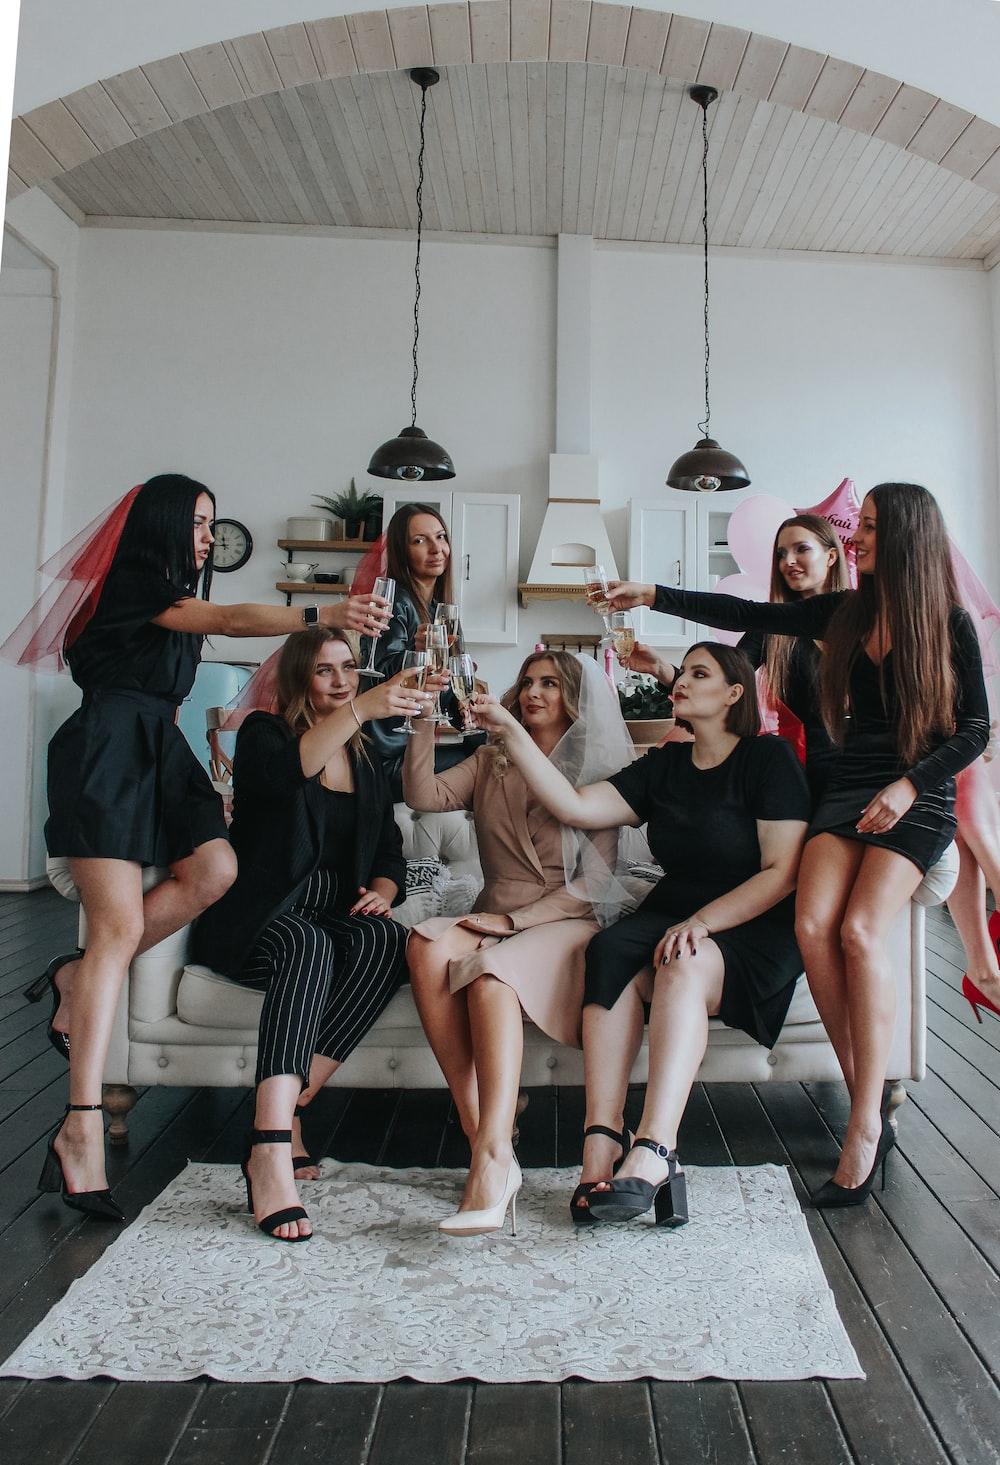 group of women sitting on white floor